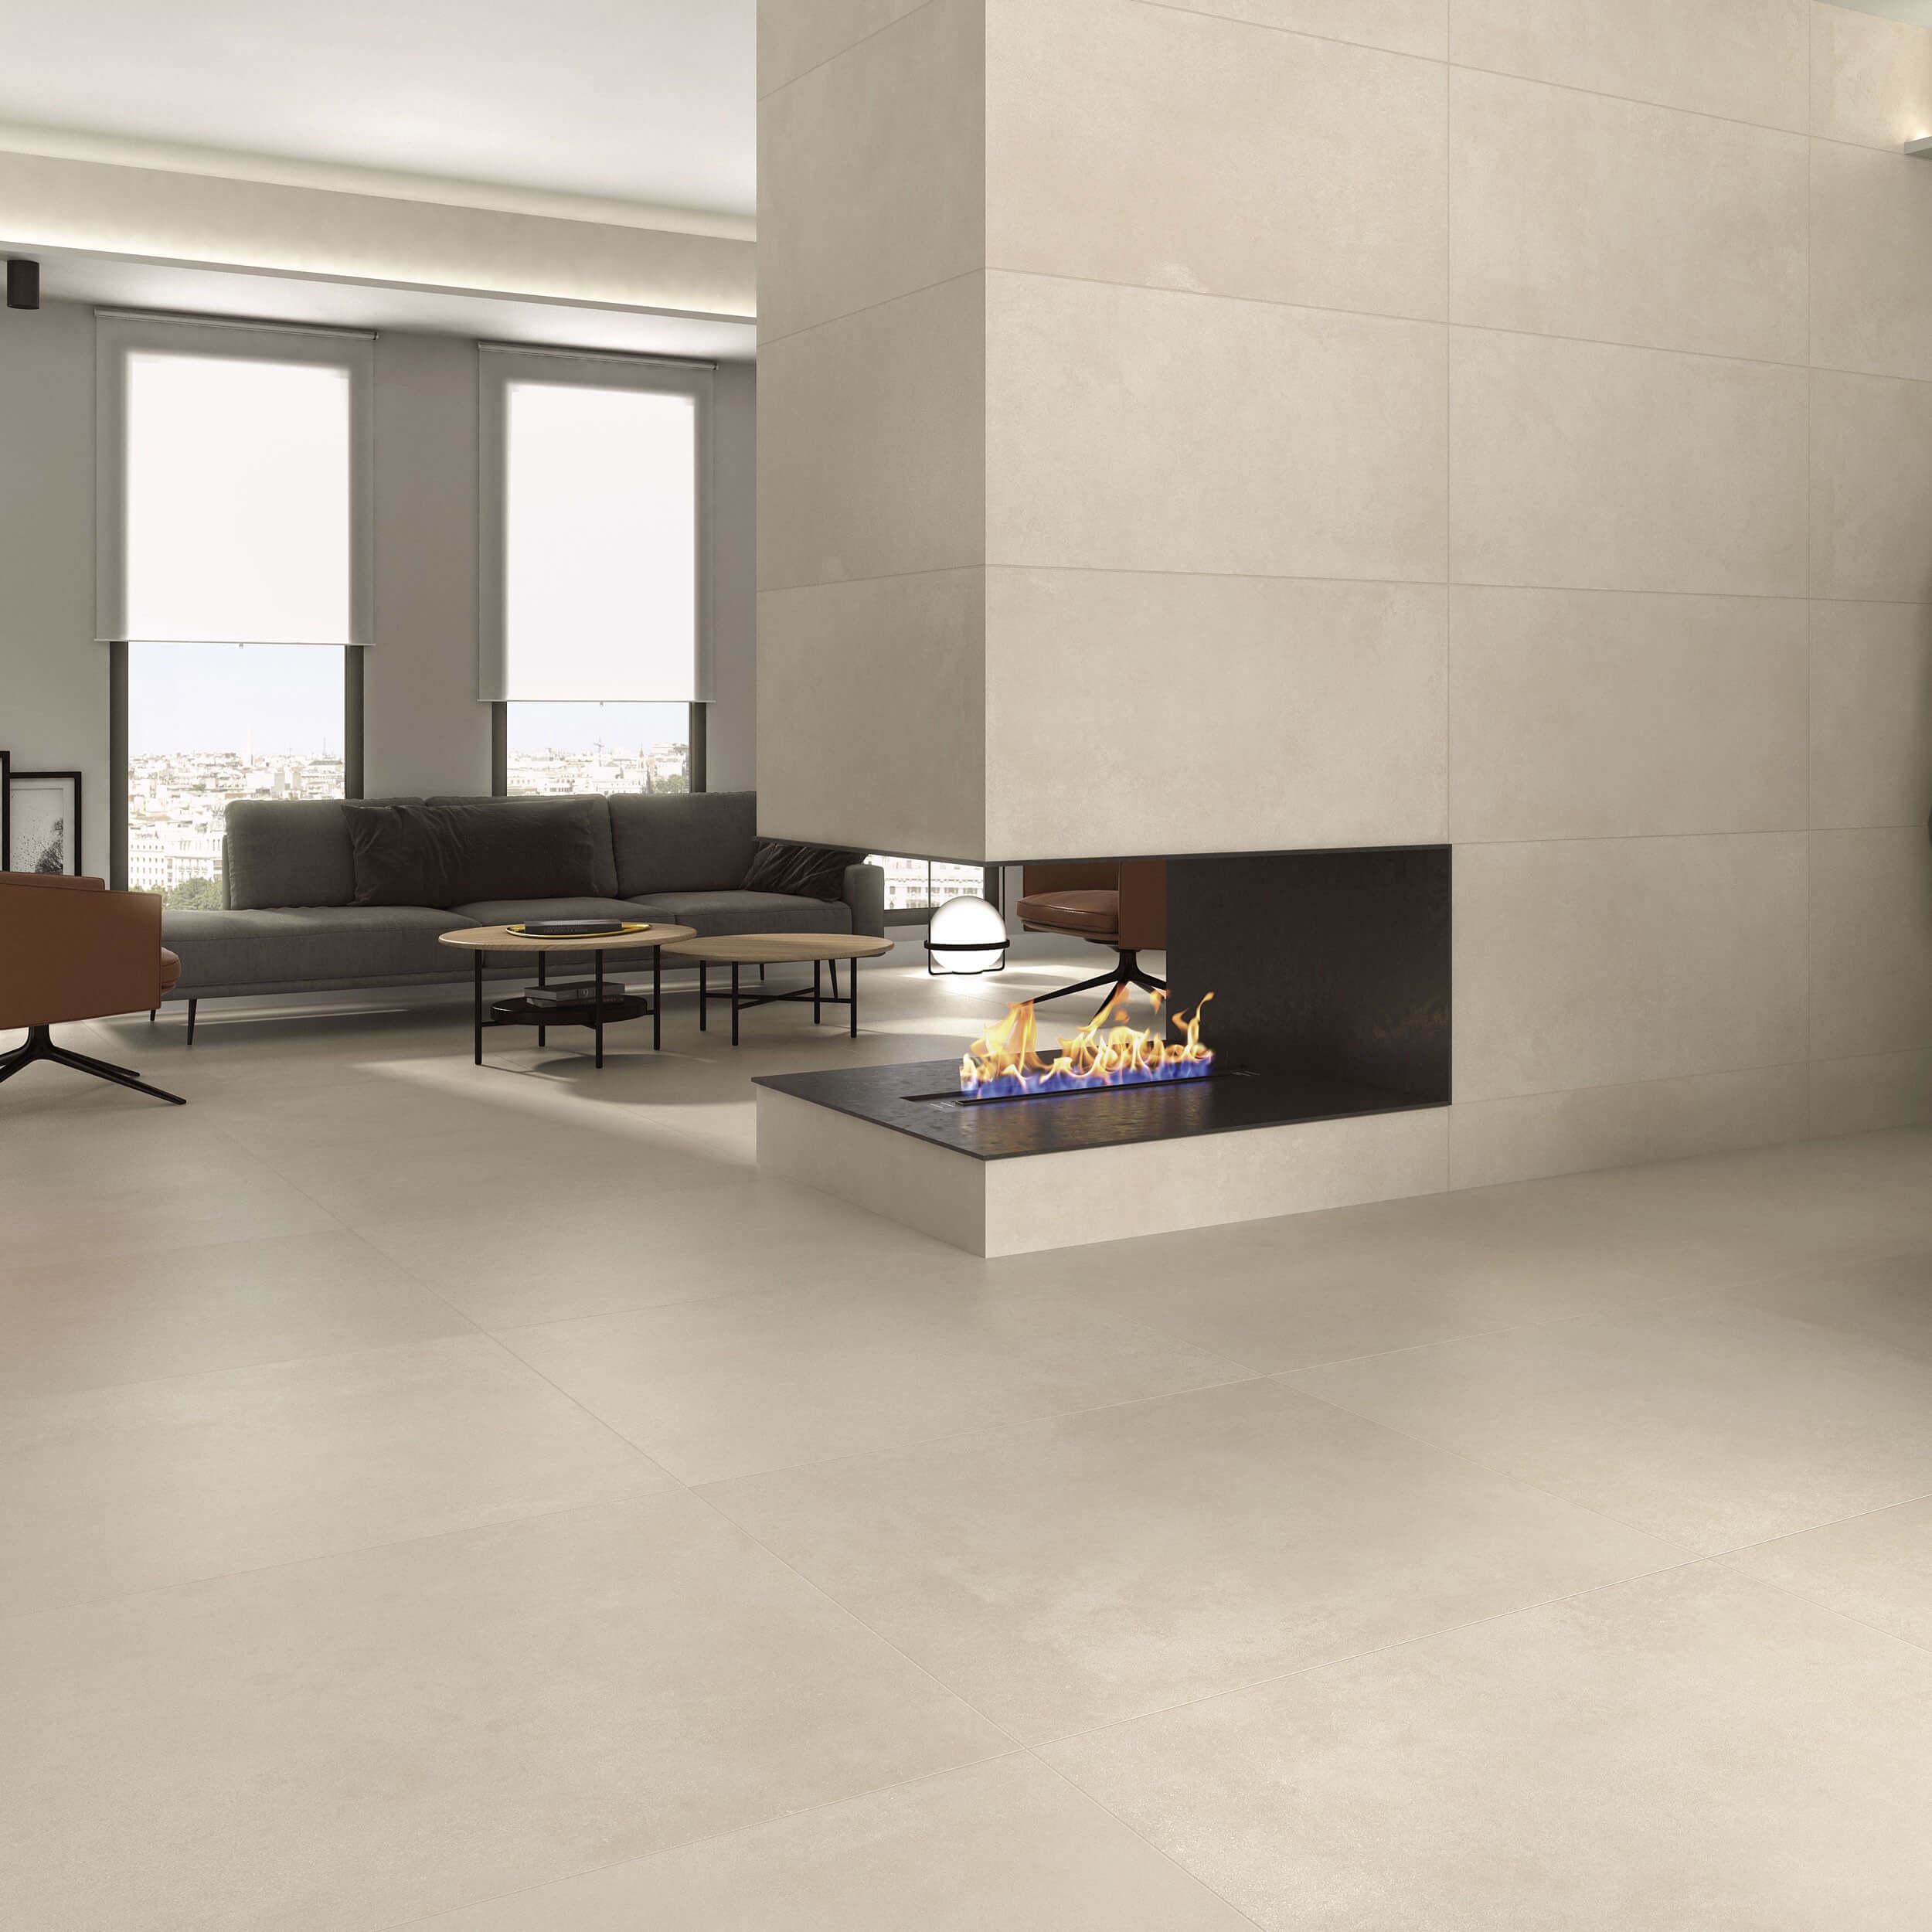 Carrelage sol et mur aspect béton beige Public Bone 60x60 cm rectifié